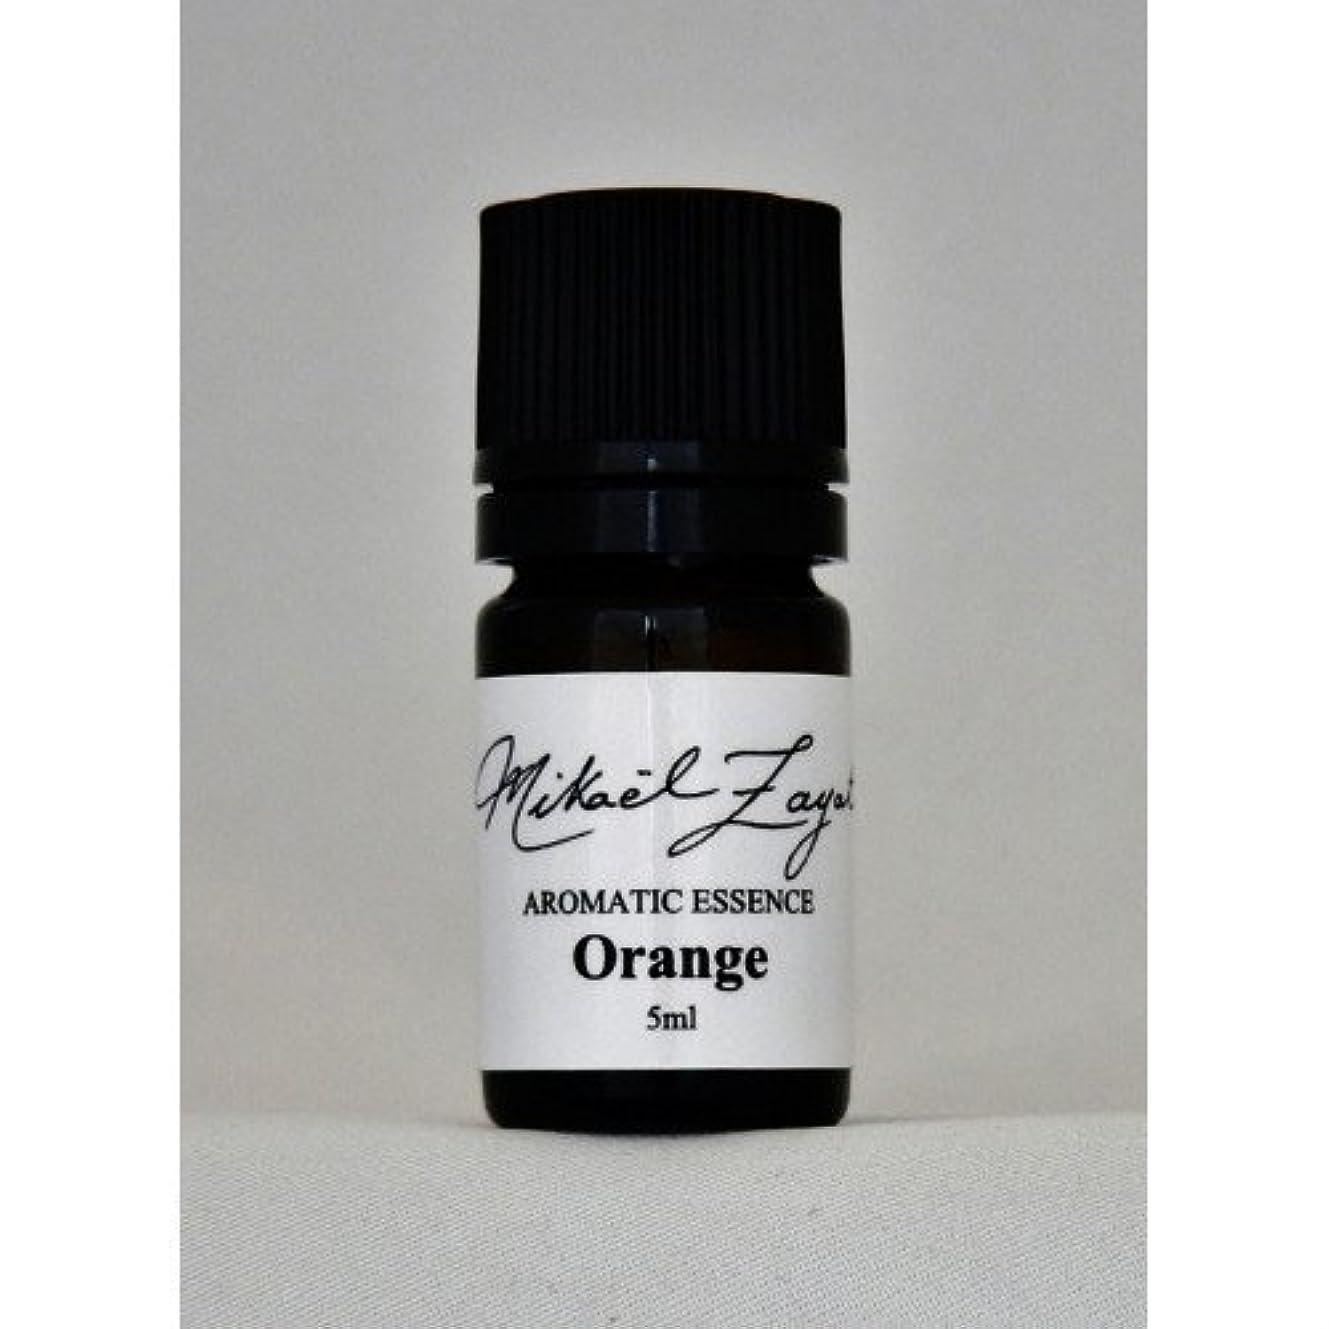 老人想像力豊かなキリンミカエル?ザヤット アロマティックエッセンス オレンジ 10ml Orange 10ml 日本国内正規品